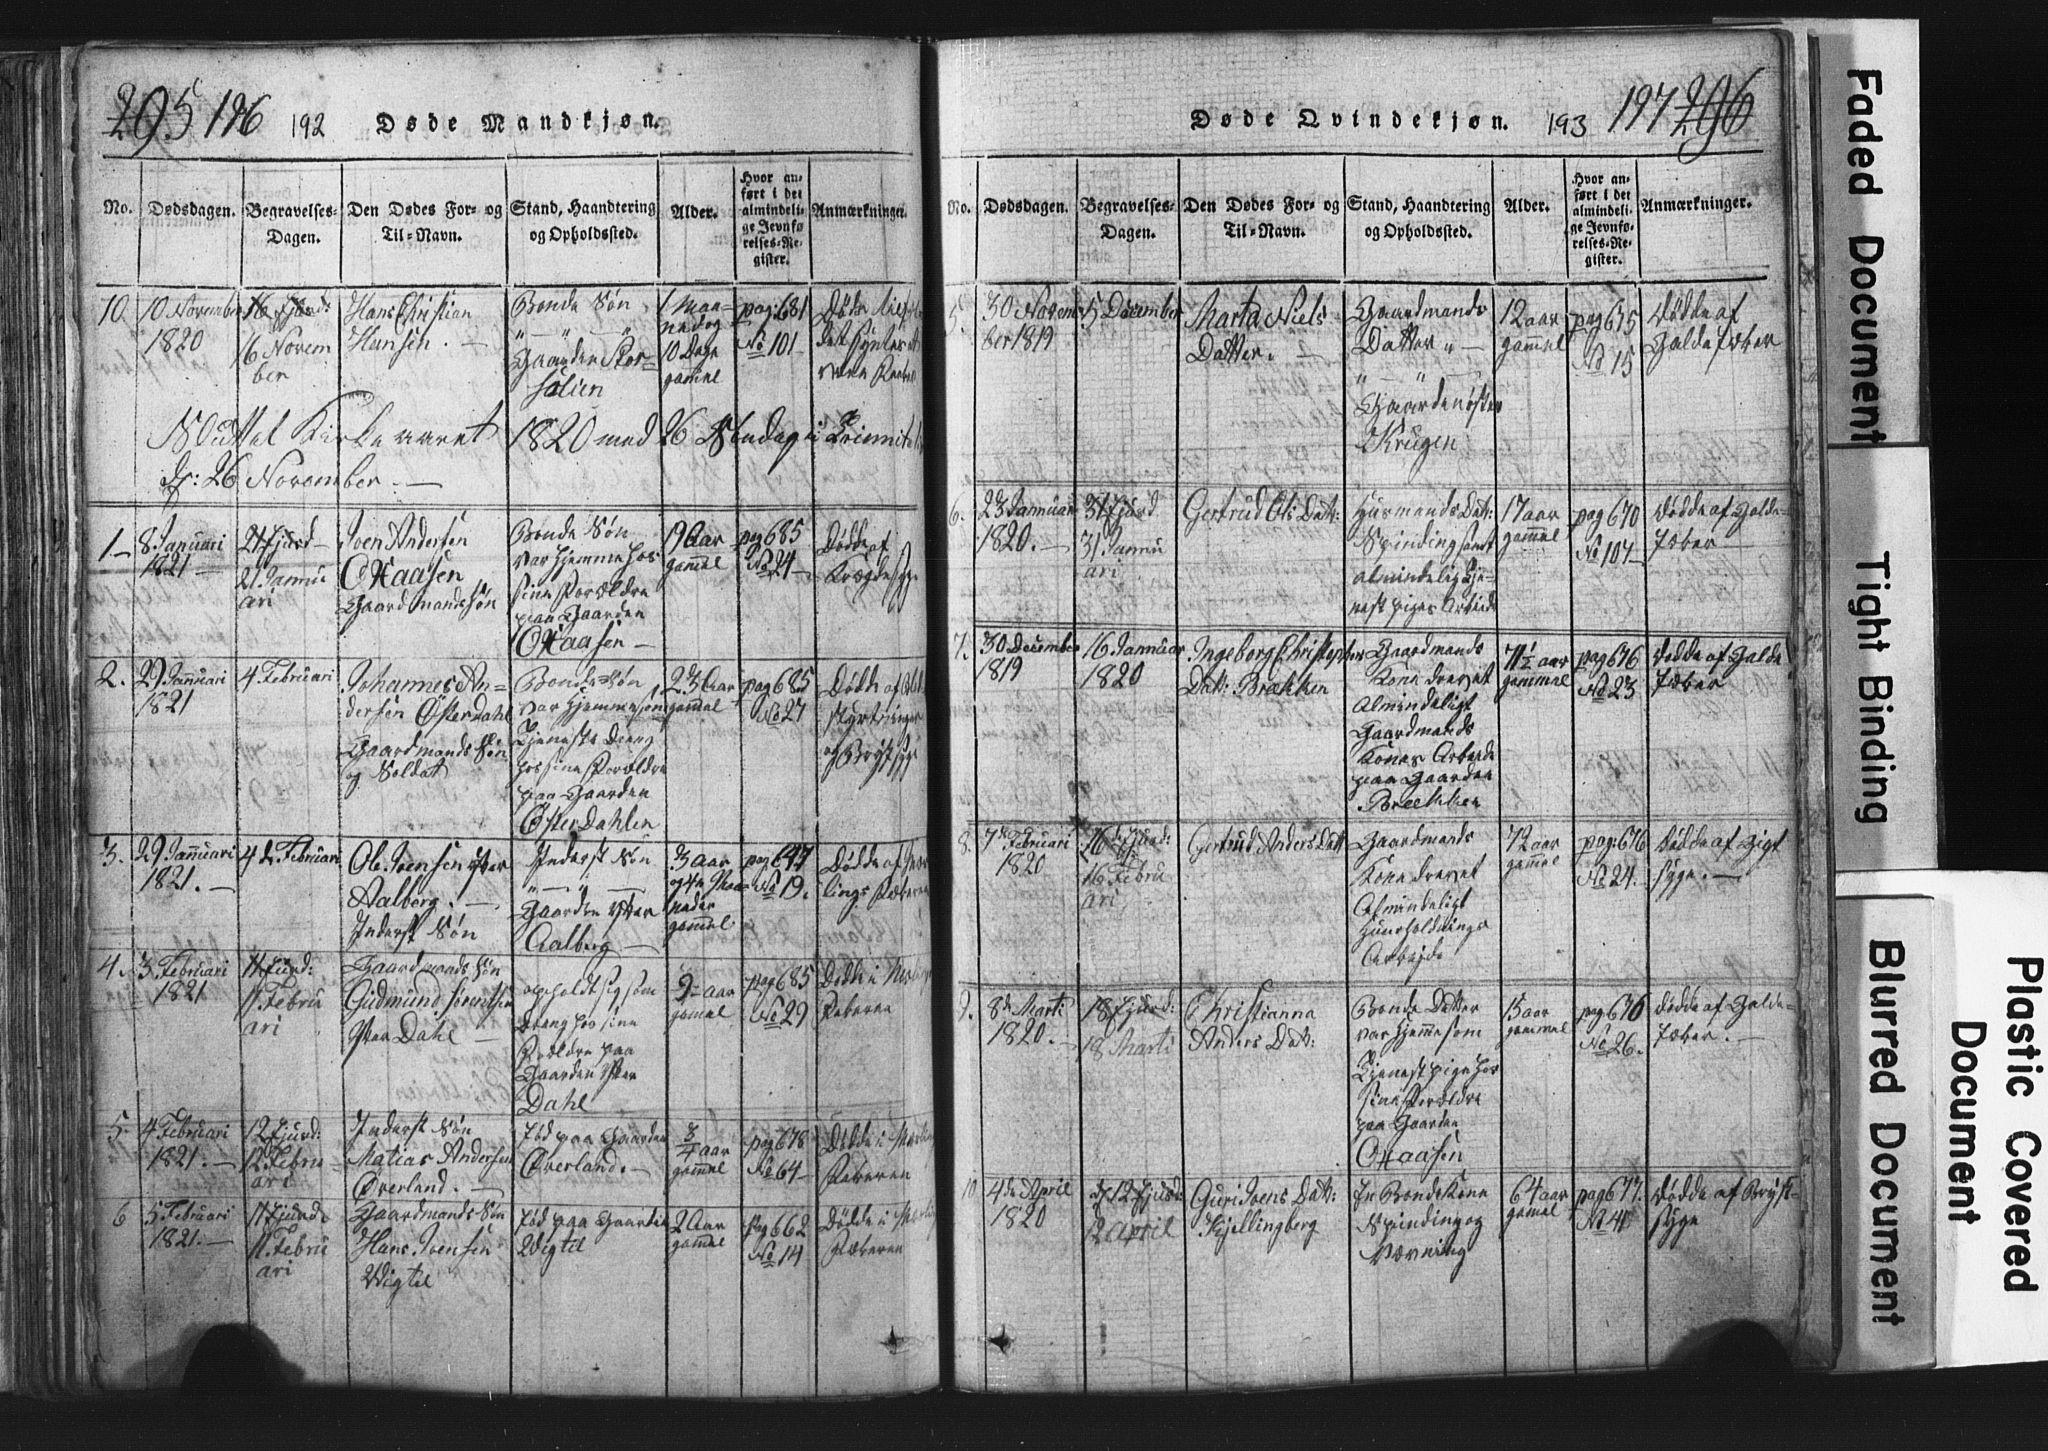 SAT, Ministerialprotokoller, klokkerbøker og fødselsregistre - Nord-Trøndelag, 701/L0017: Klokkerbok nr. 701C01, 1817-1825, s. 192-193